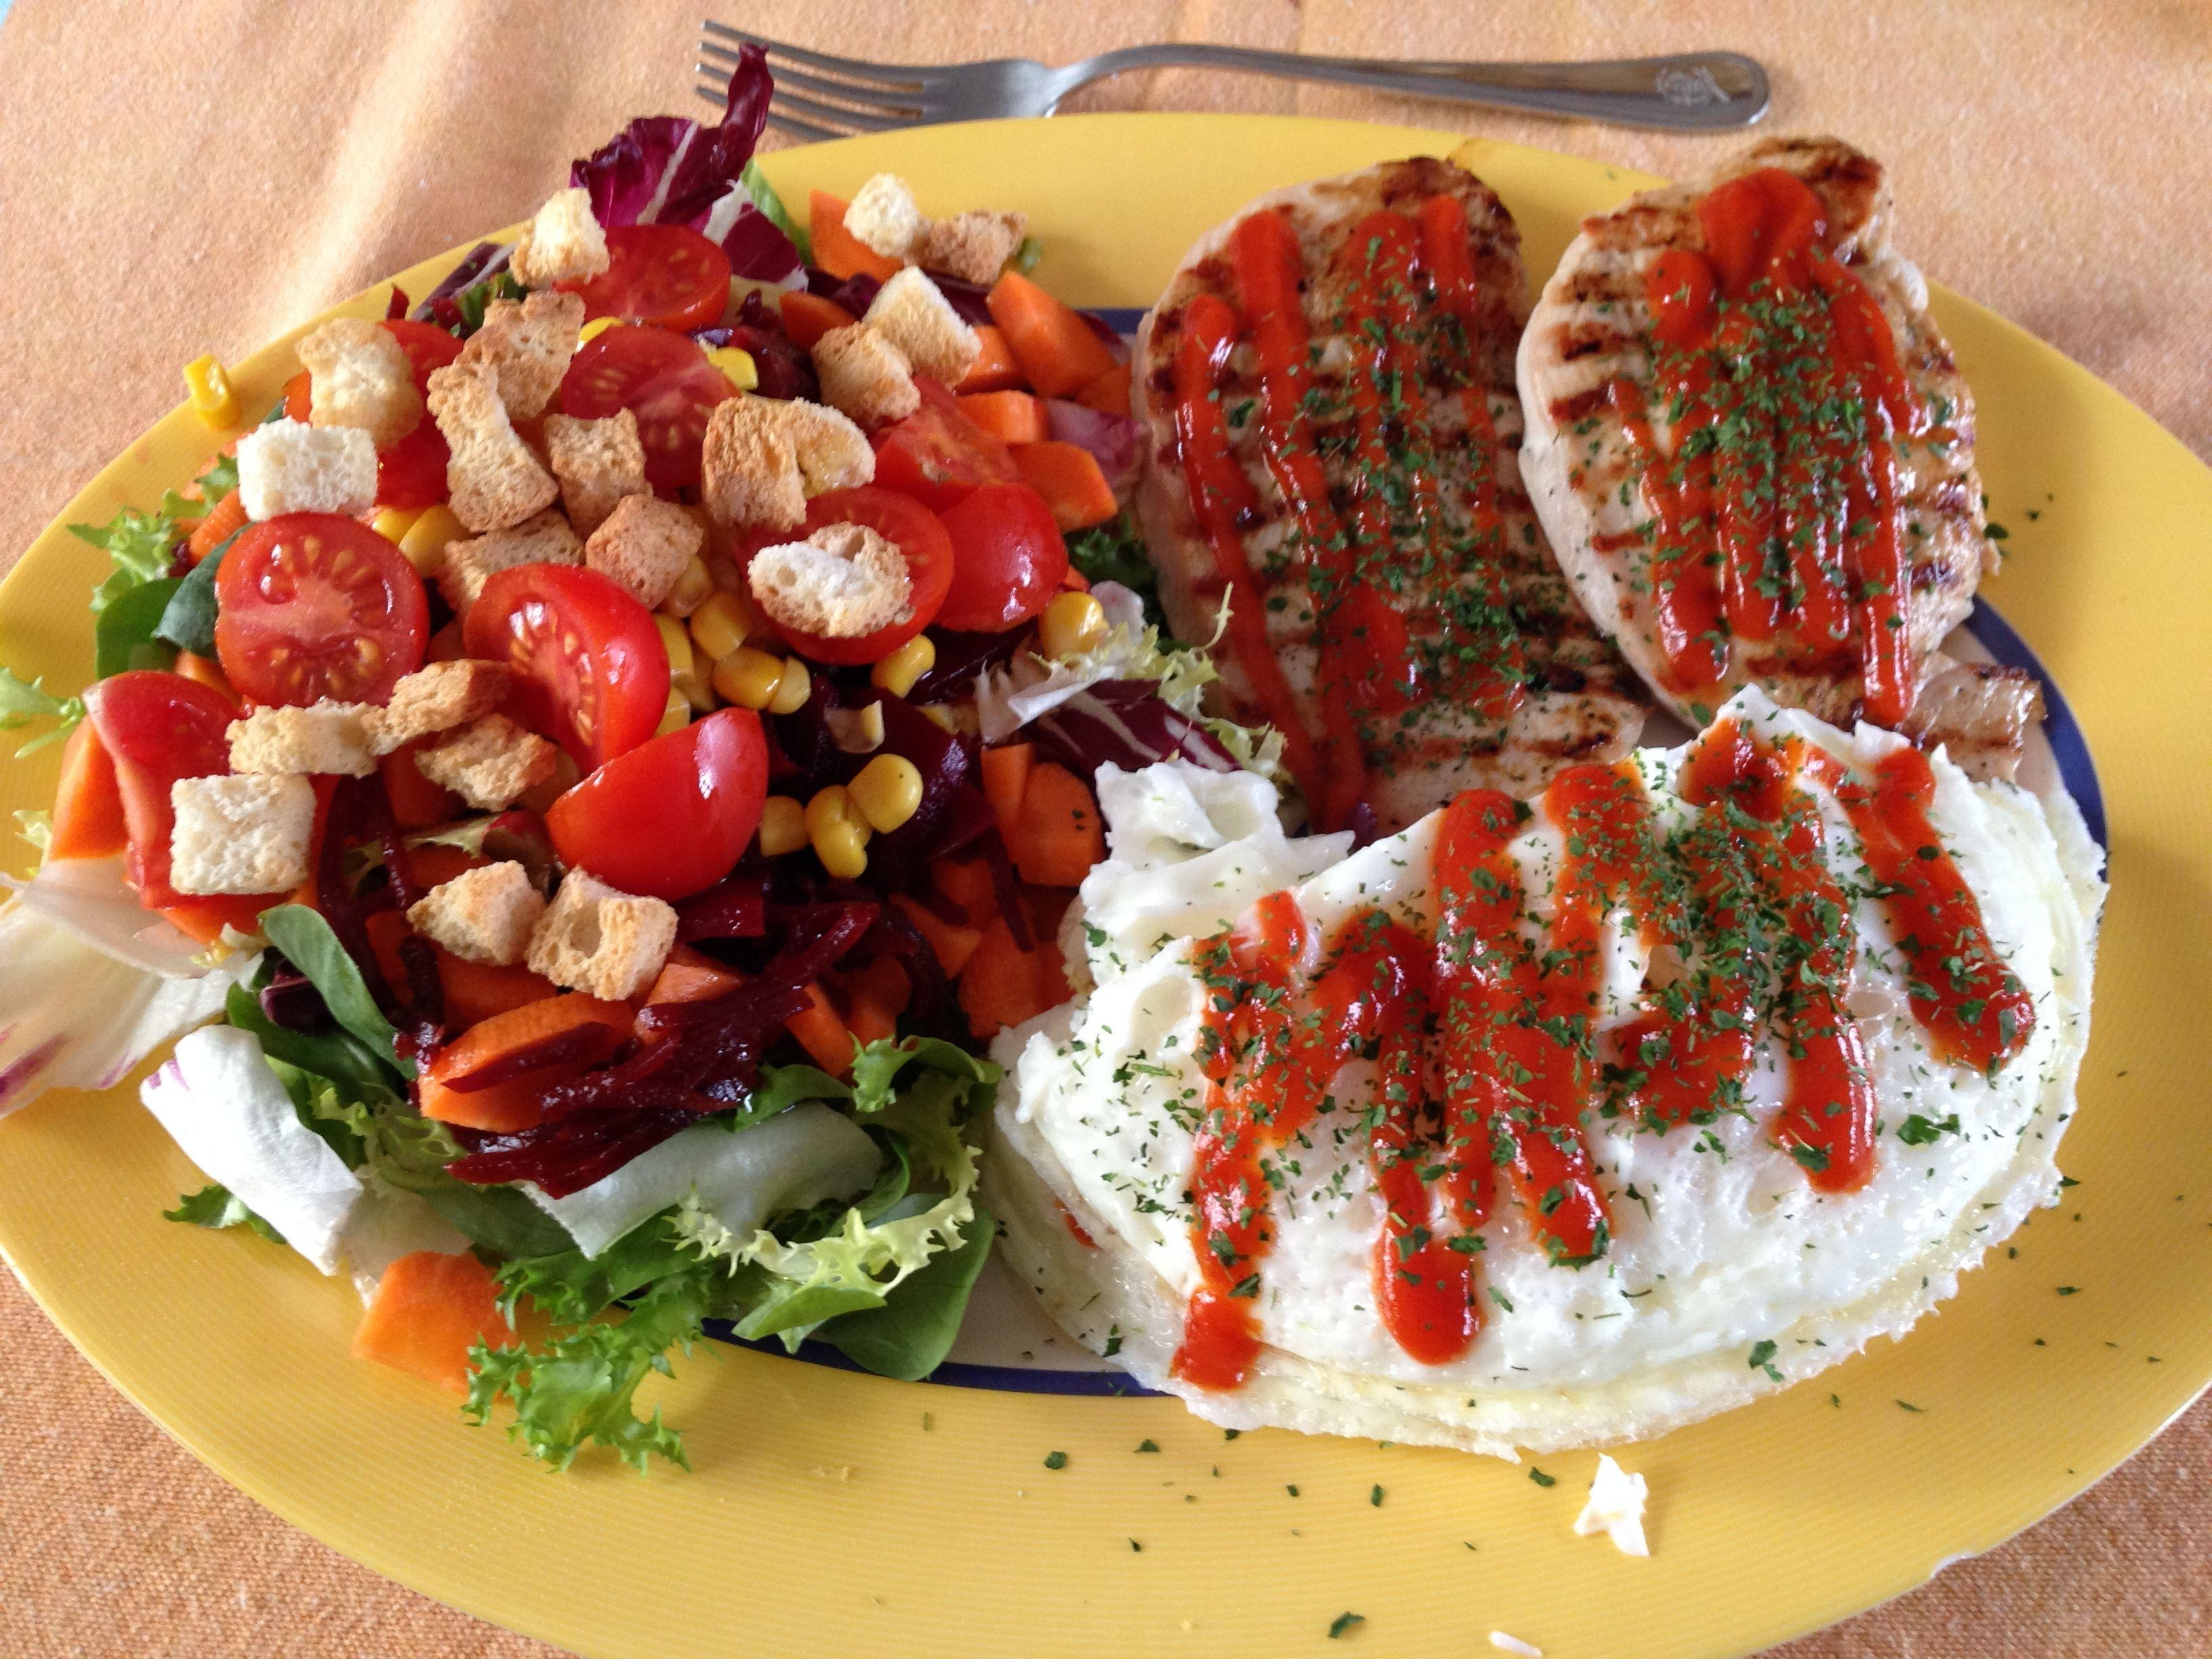 2 filetes de pechuga de pavo a la plancha con tomate. 8 Claras de huevo en microondas, con tomate. Ensalada con zanahoria, remolacha, tomate y aceite de oliva virgen extra.